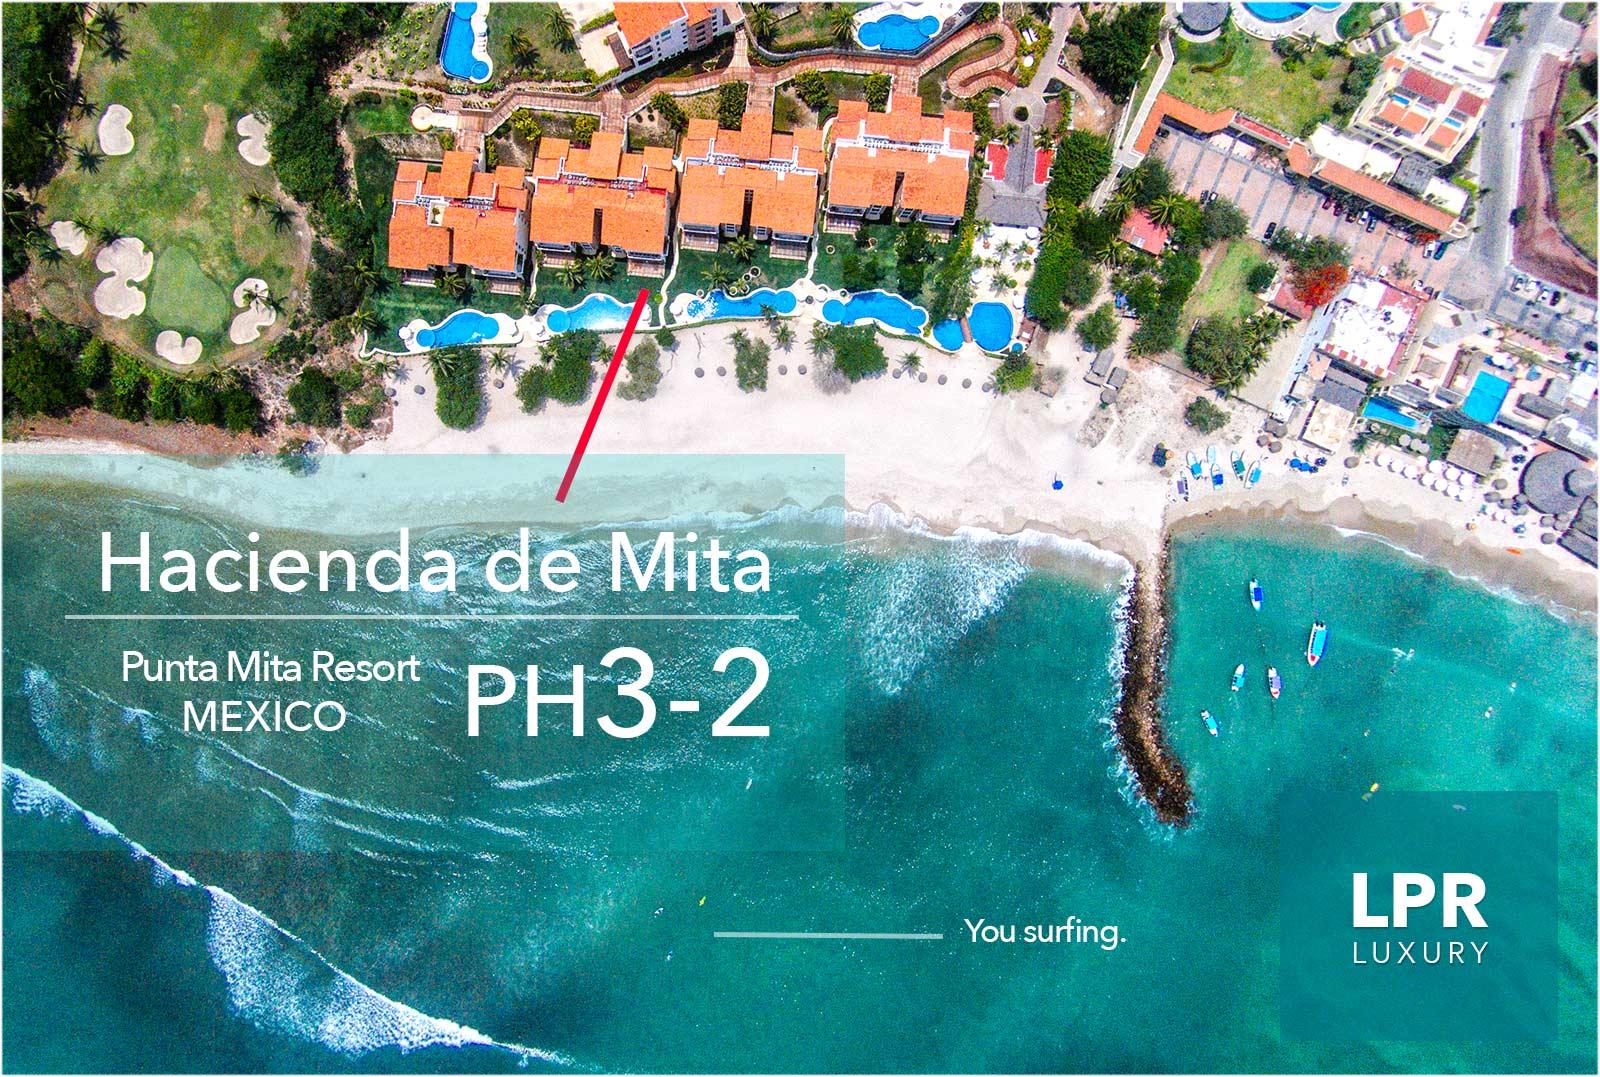 Hacienda de Mita Penthouse 3-2 - Punta Mita Resort - Mexico